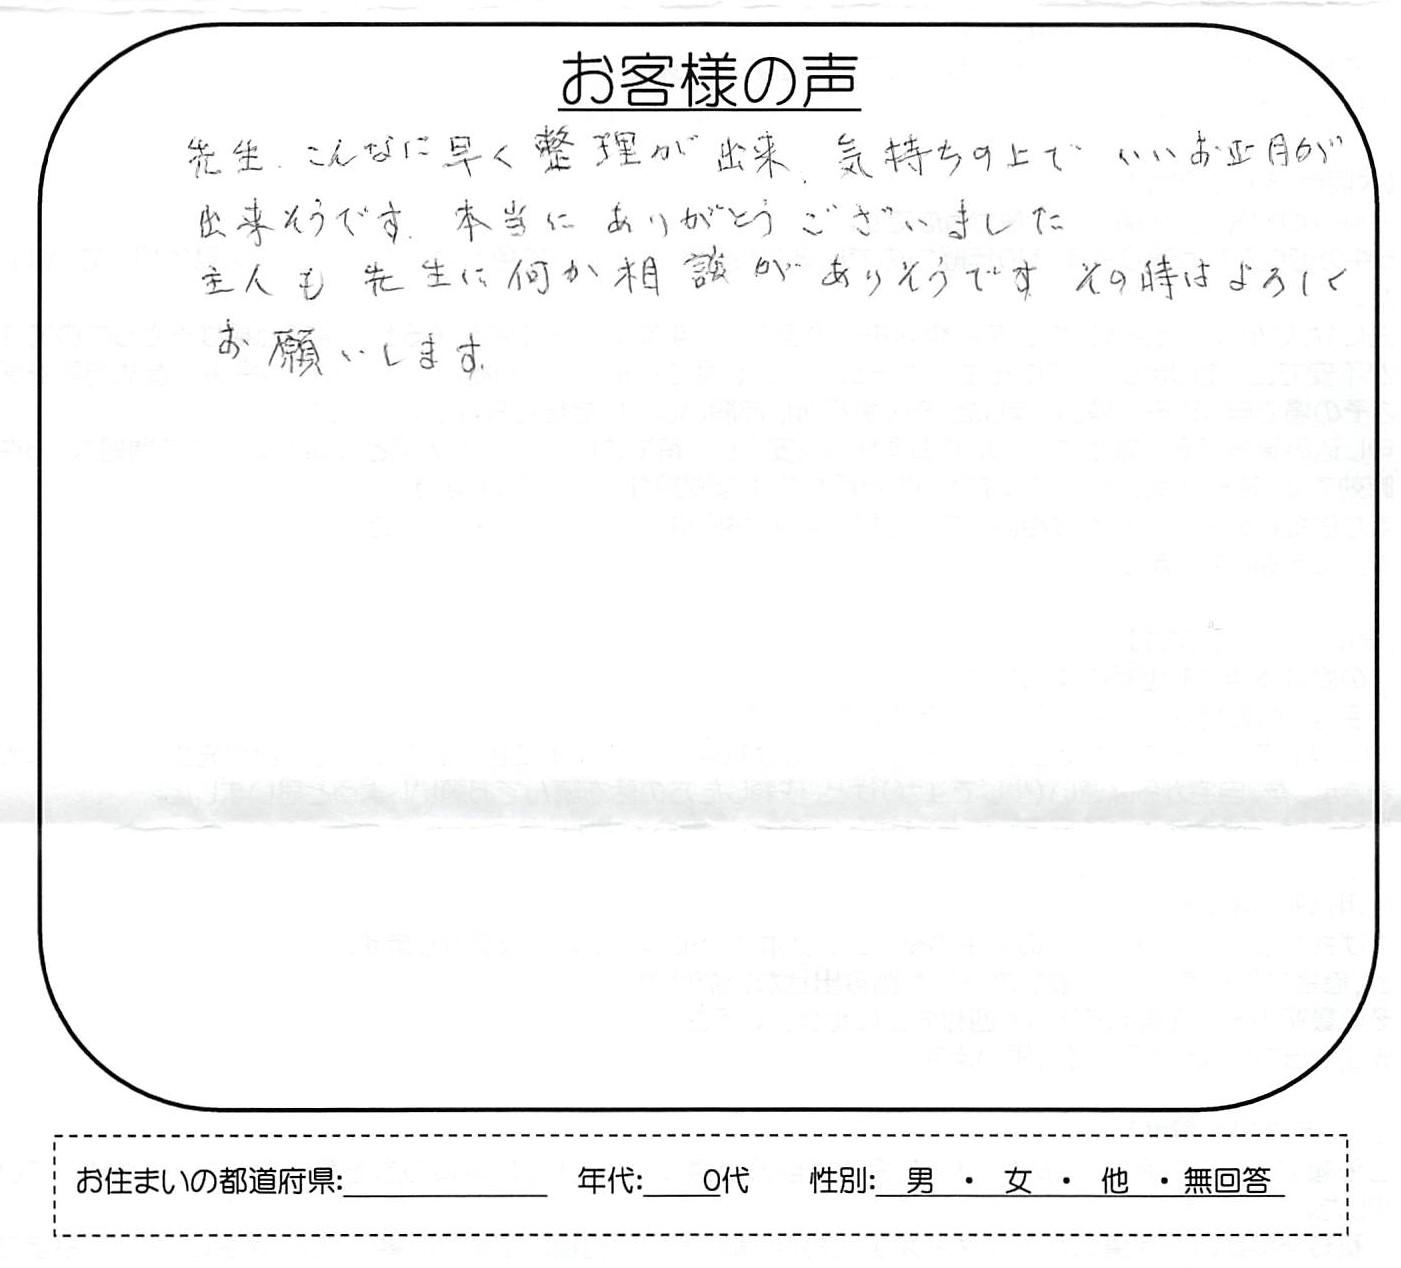 高橋裕次郎法律事務所への時効援用の口コミ・評判